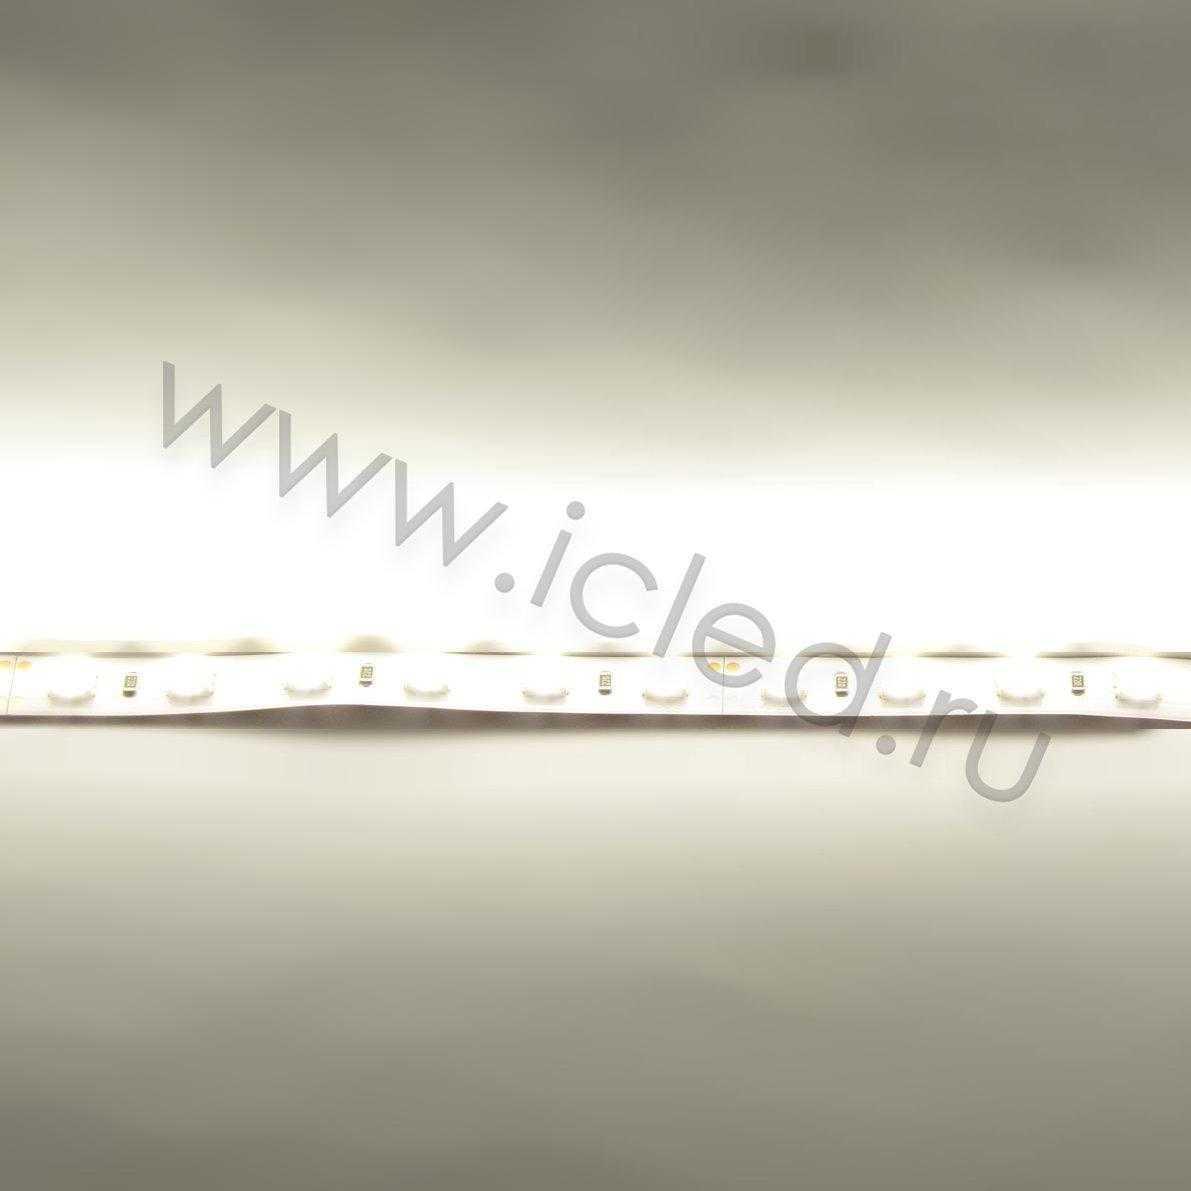 Светодиодная лента Class High, 5050, 72 led/m, Warm White, 24V, IP33